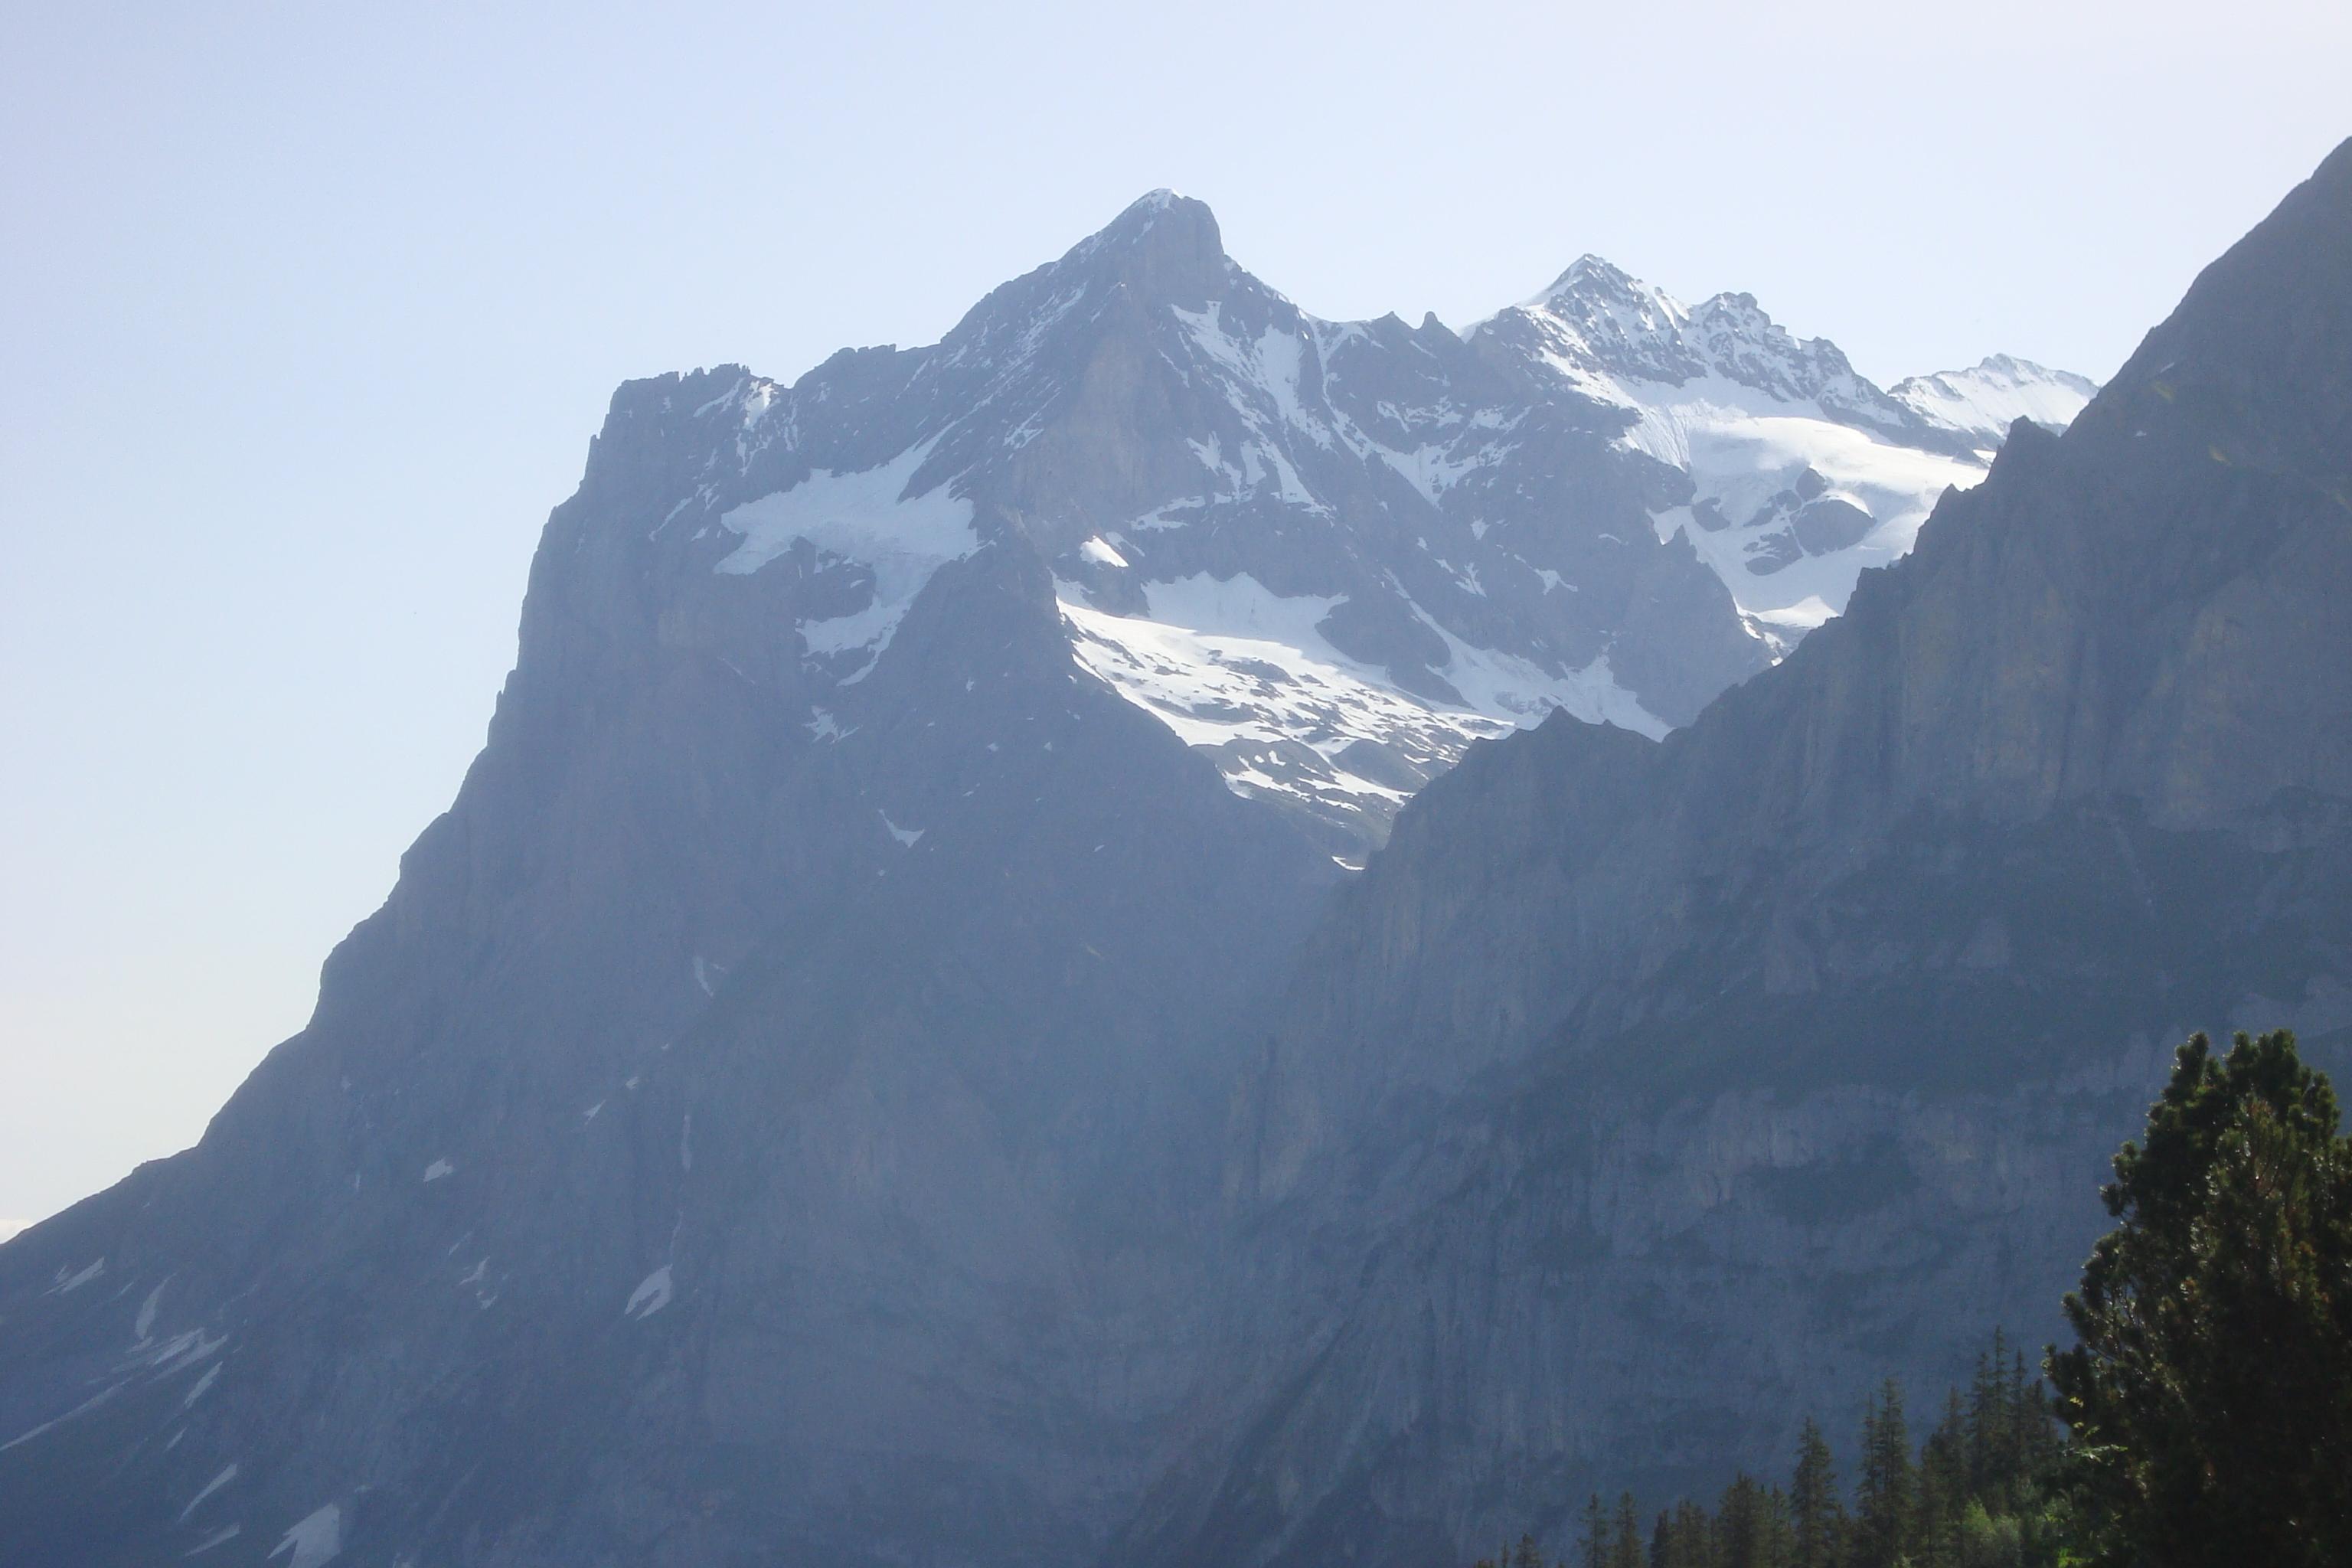 Klettersteig Eiger : Eiger ostegghütte faszination hochtouren